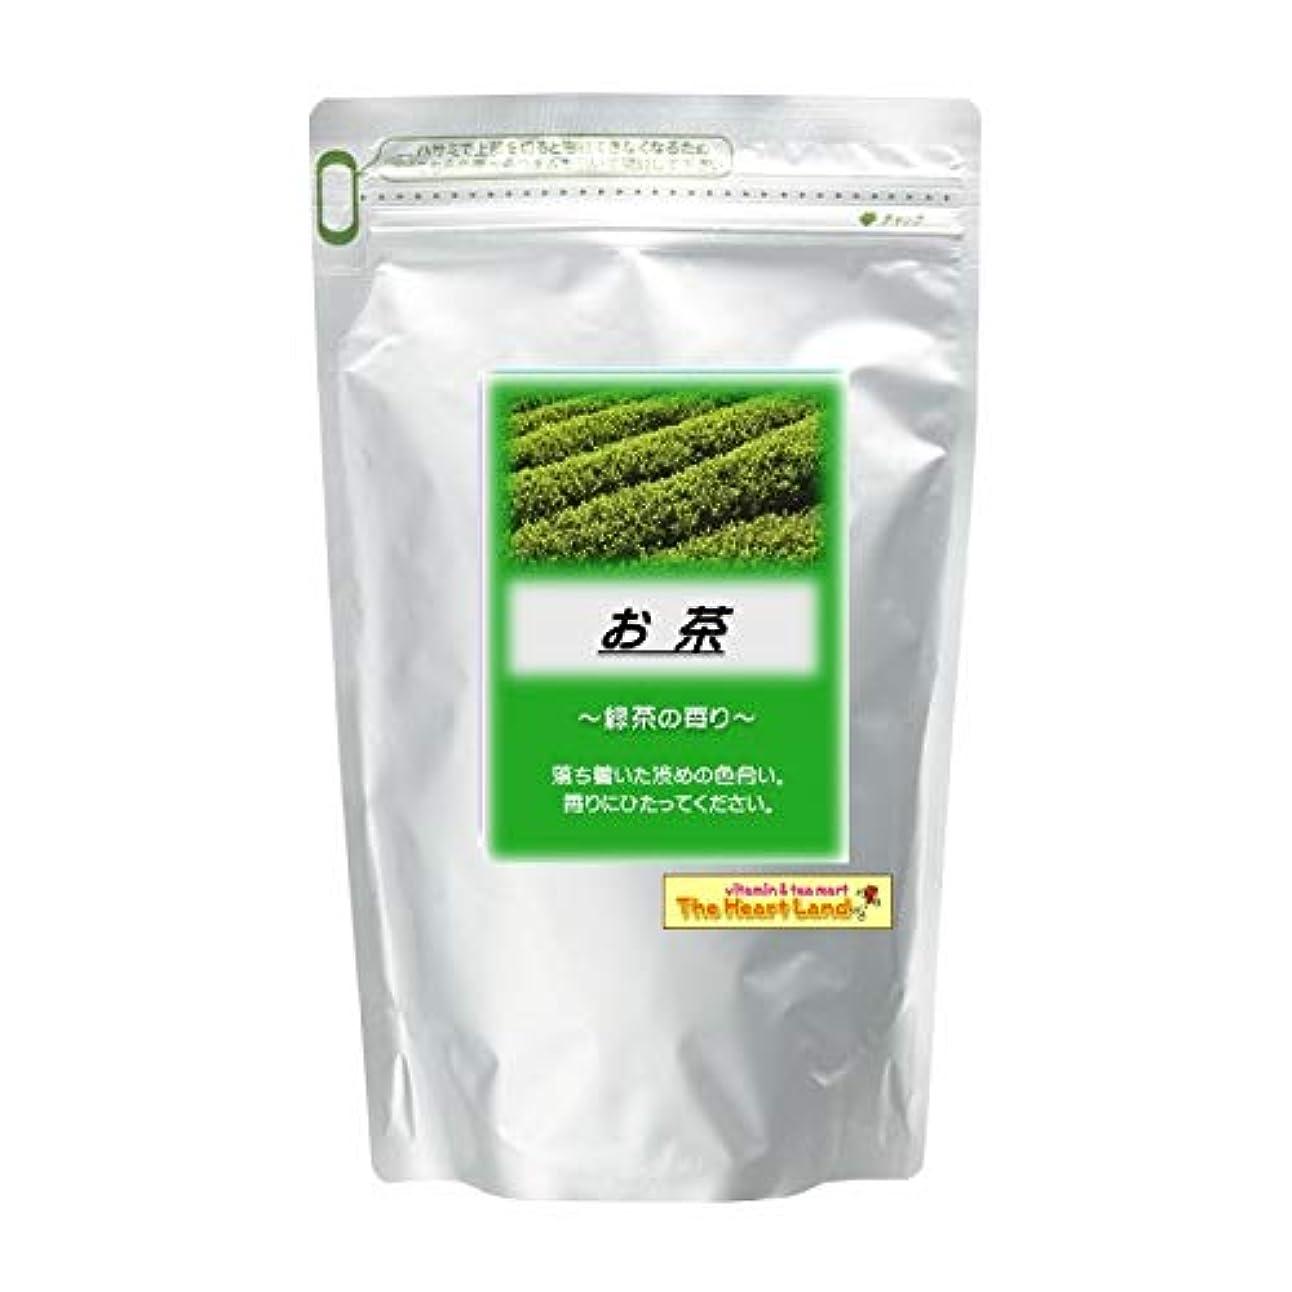 コロニー満了分散アサヒ入浴剤 浴用入浴化粧品 お茶 300g